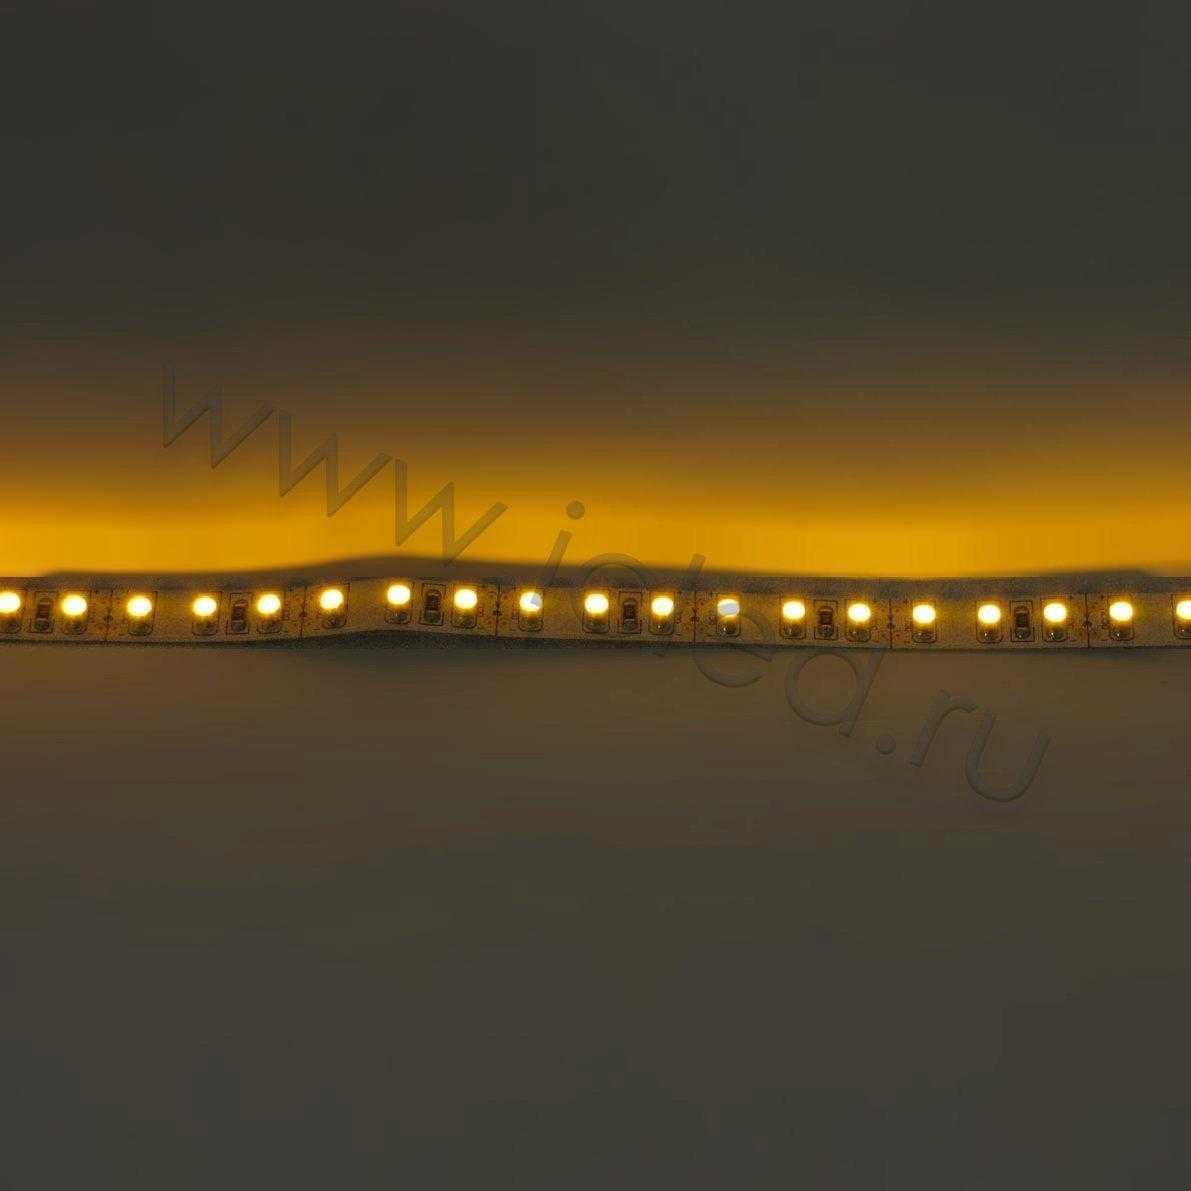 Светодиодная лента Class B, 3528, 120 led/m, Yellow, 12V, IP33